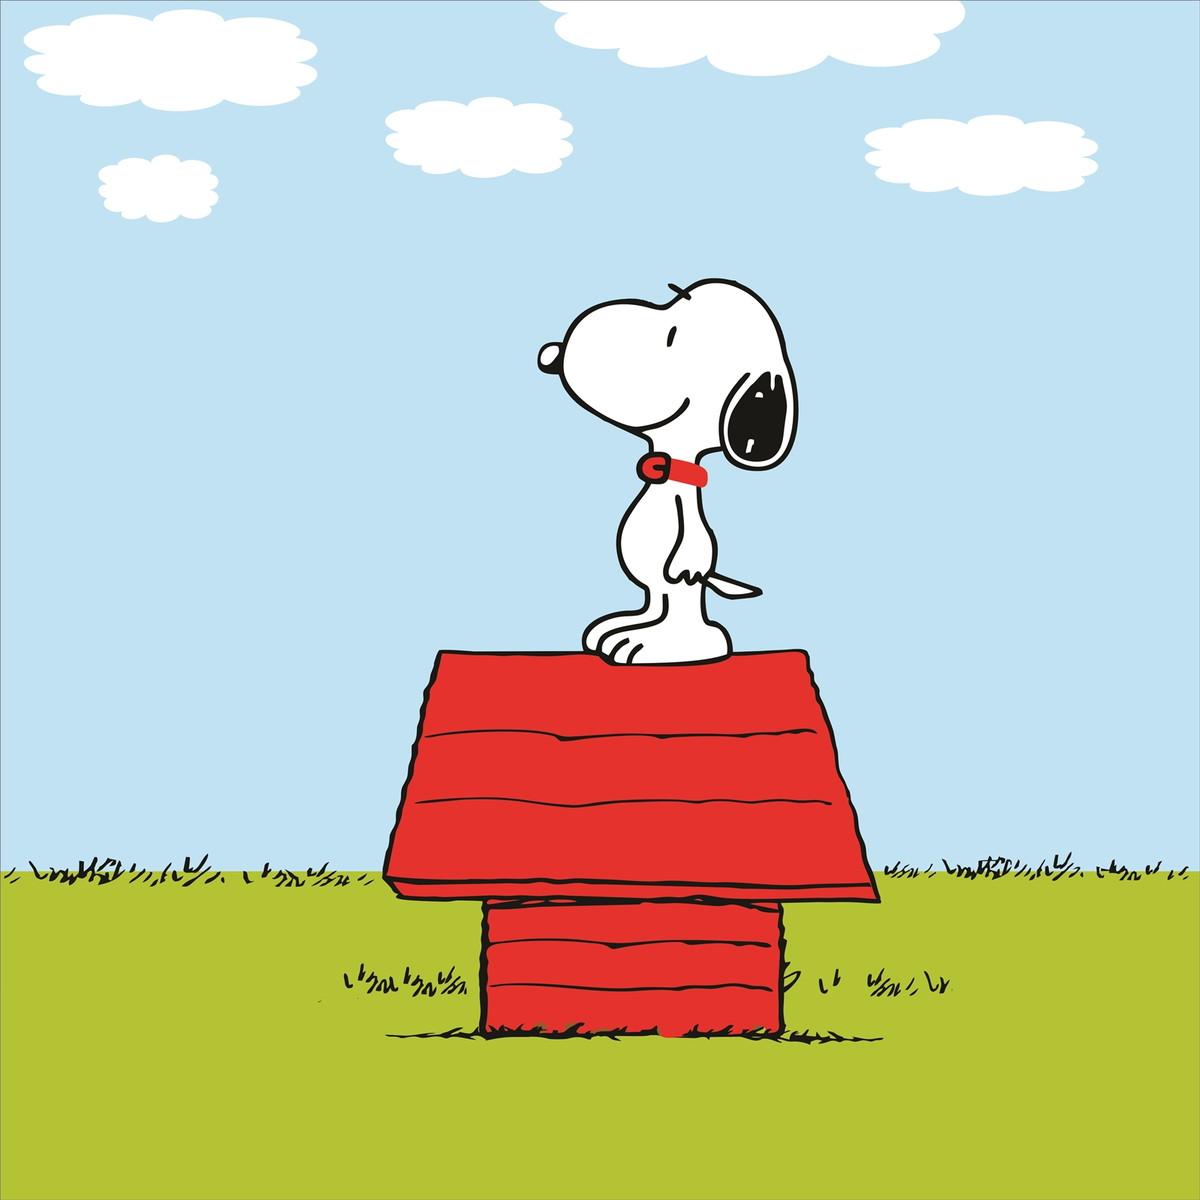 Snoopy Decoração - Adesivo No Elo7